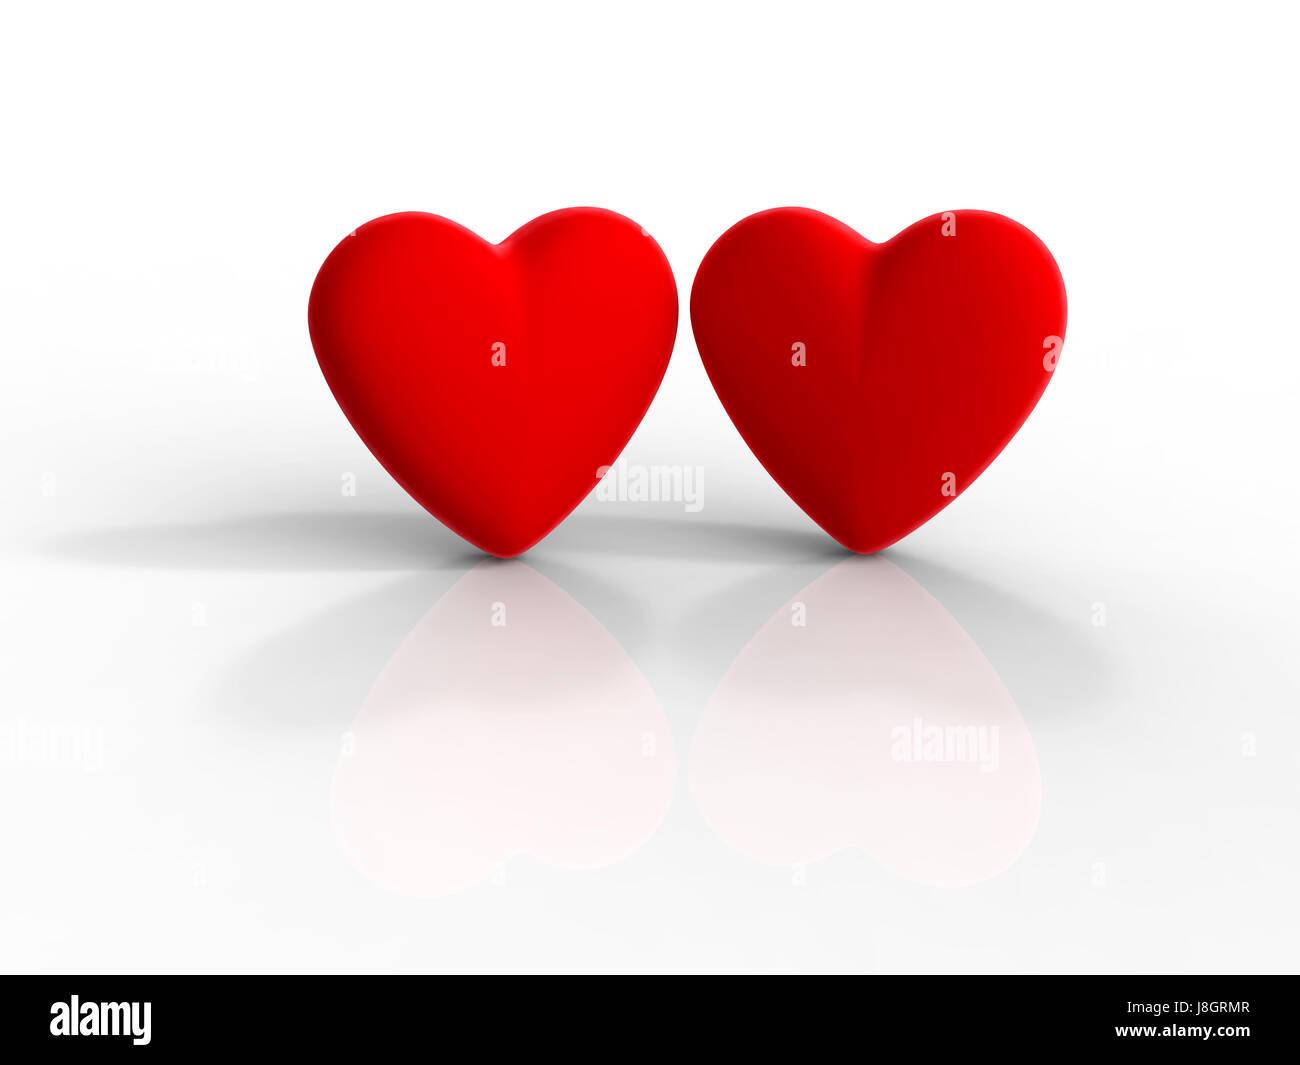 Coeur amour amoureux tomb en amour la saint valentin coeur pictogramme symbole banque d - Coeur d amoureux ...